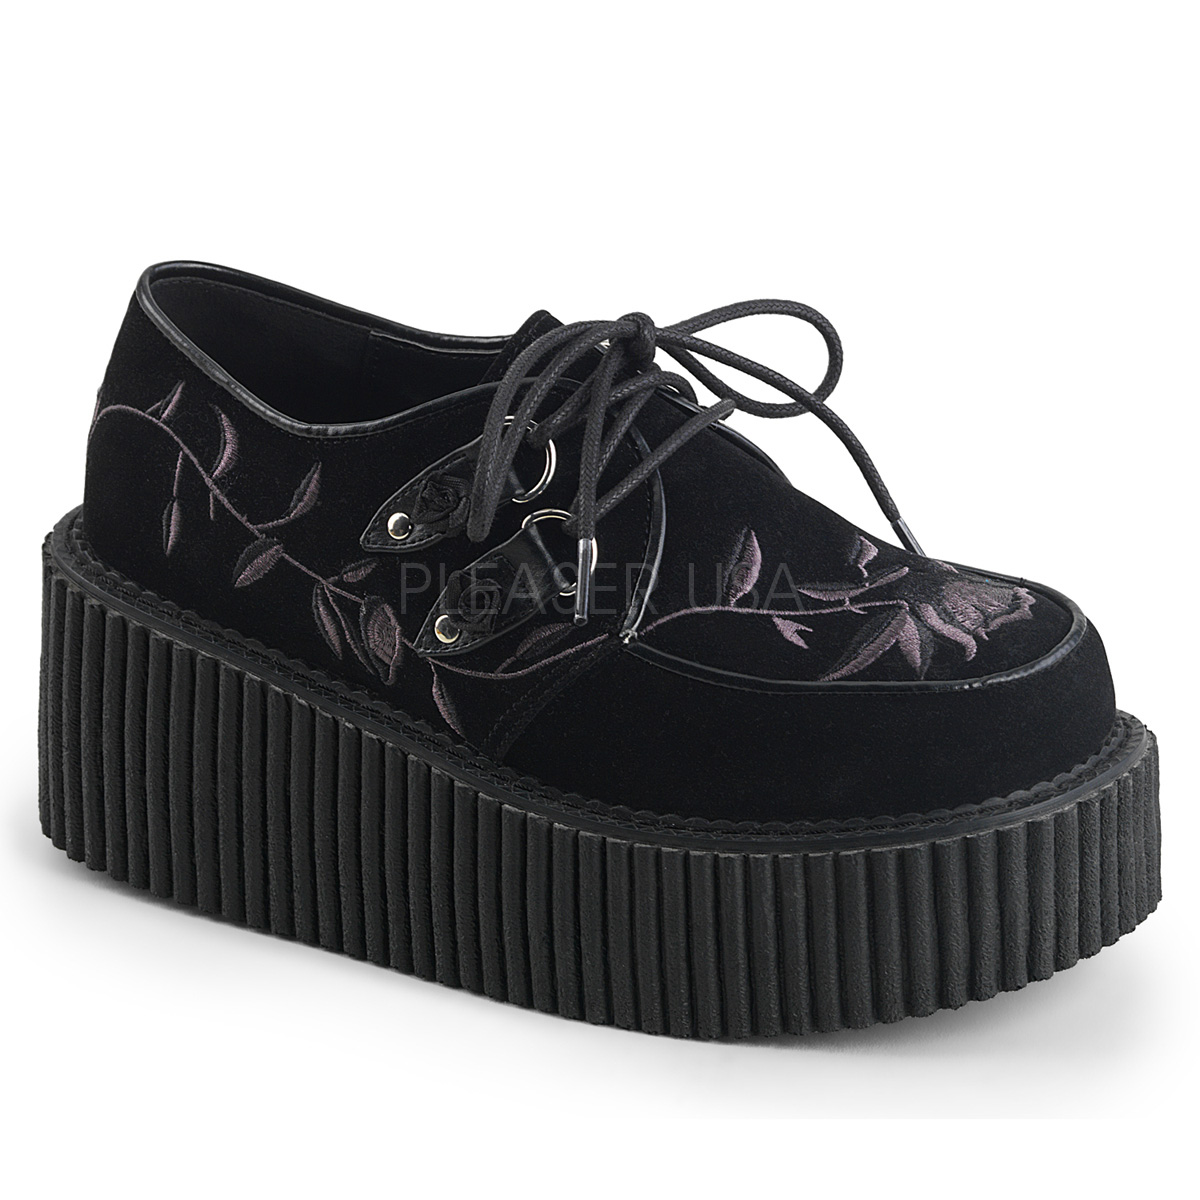 Veludo 7,5 cm CREEPER 219 plataforma sapatos creepers mulher